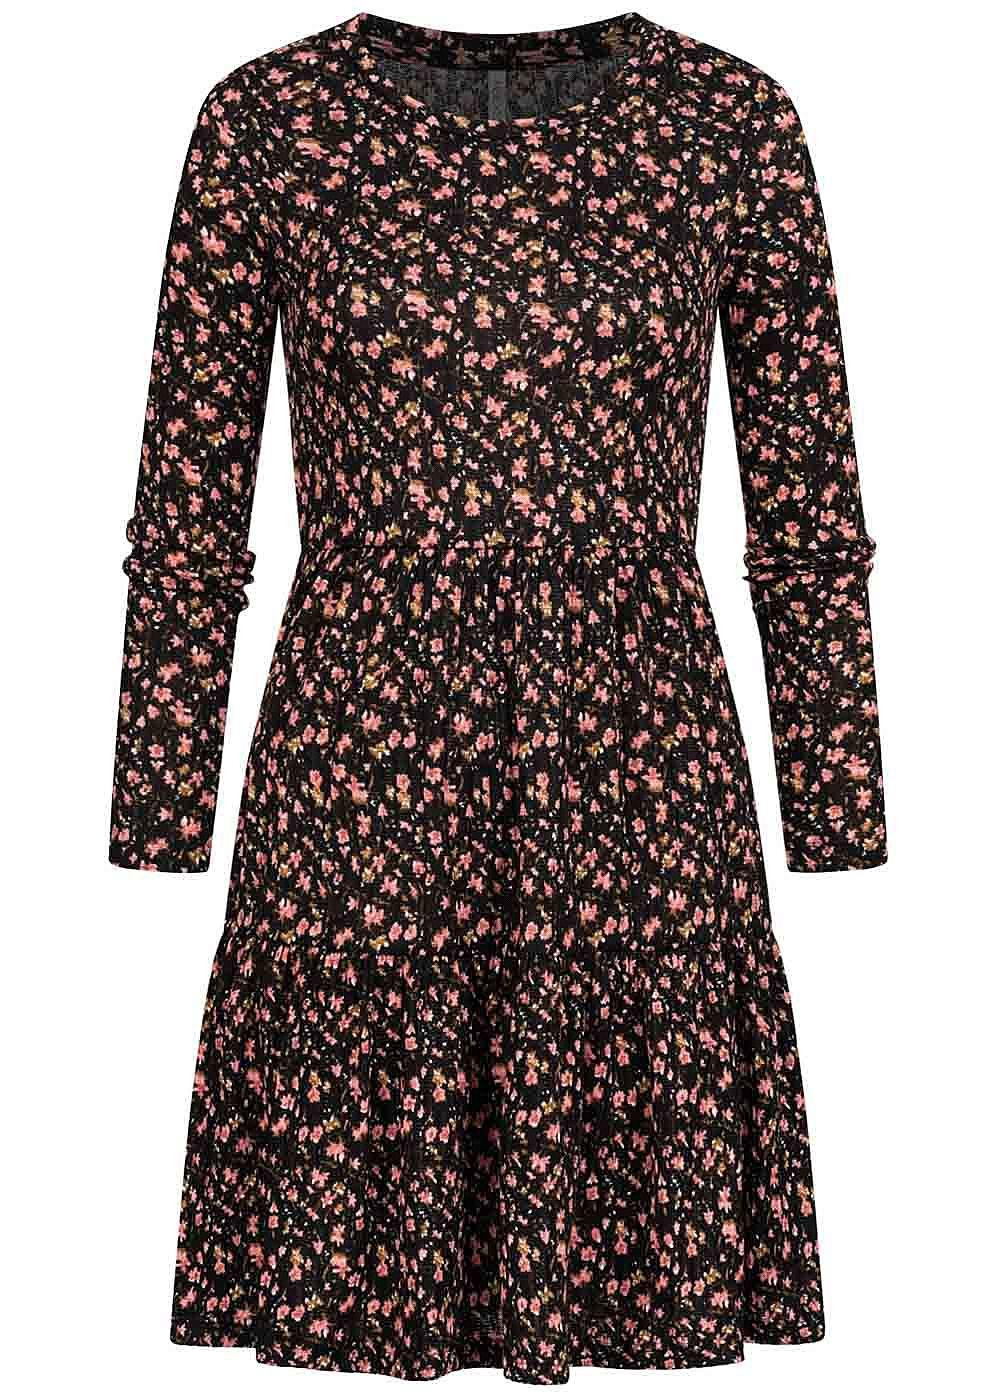 Hailys Damen Struktur Mini Kleid mit Blumen Muster schwarz rosa